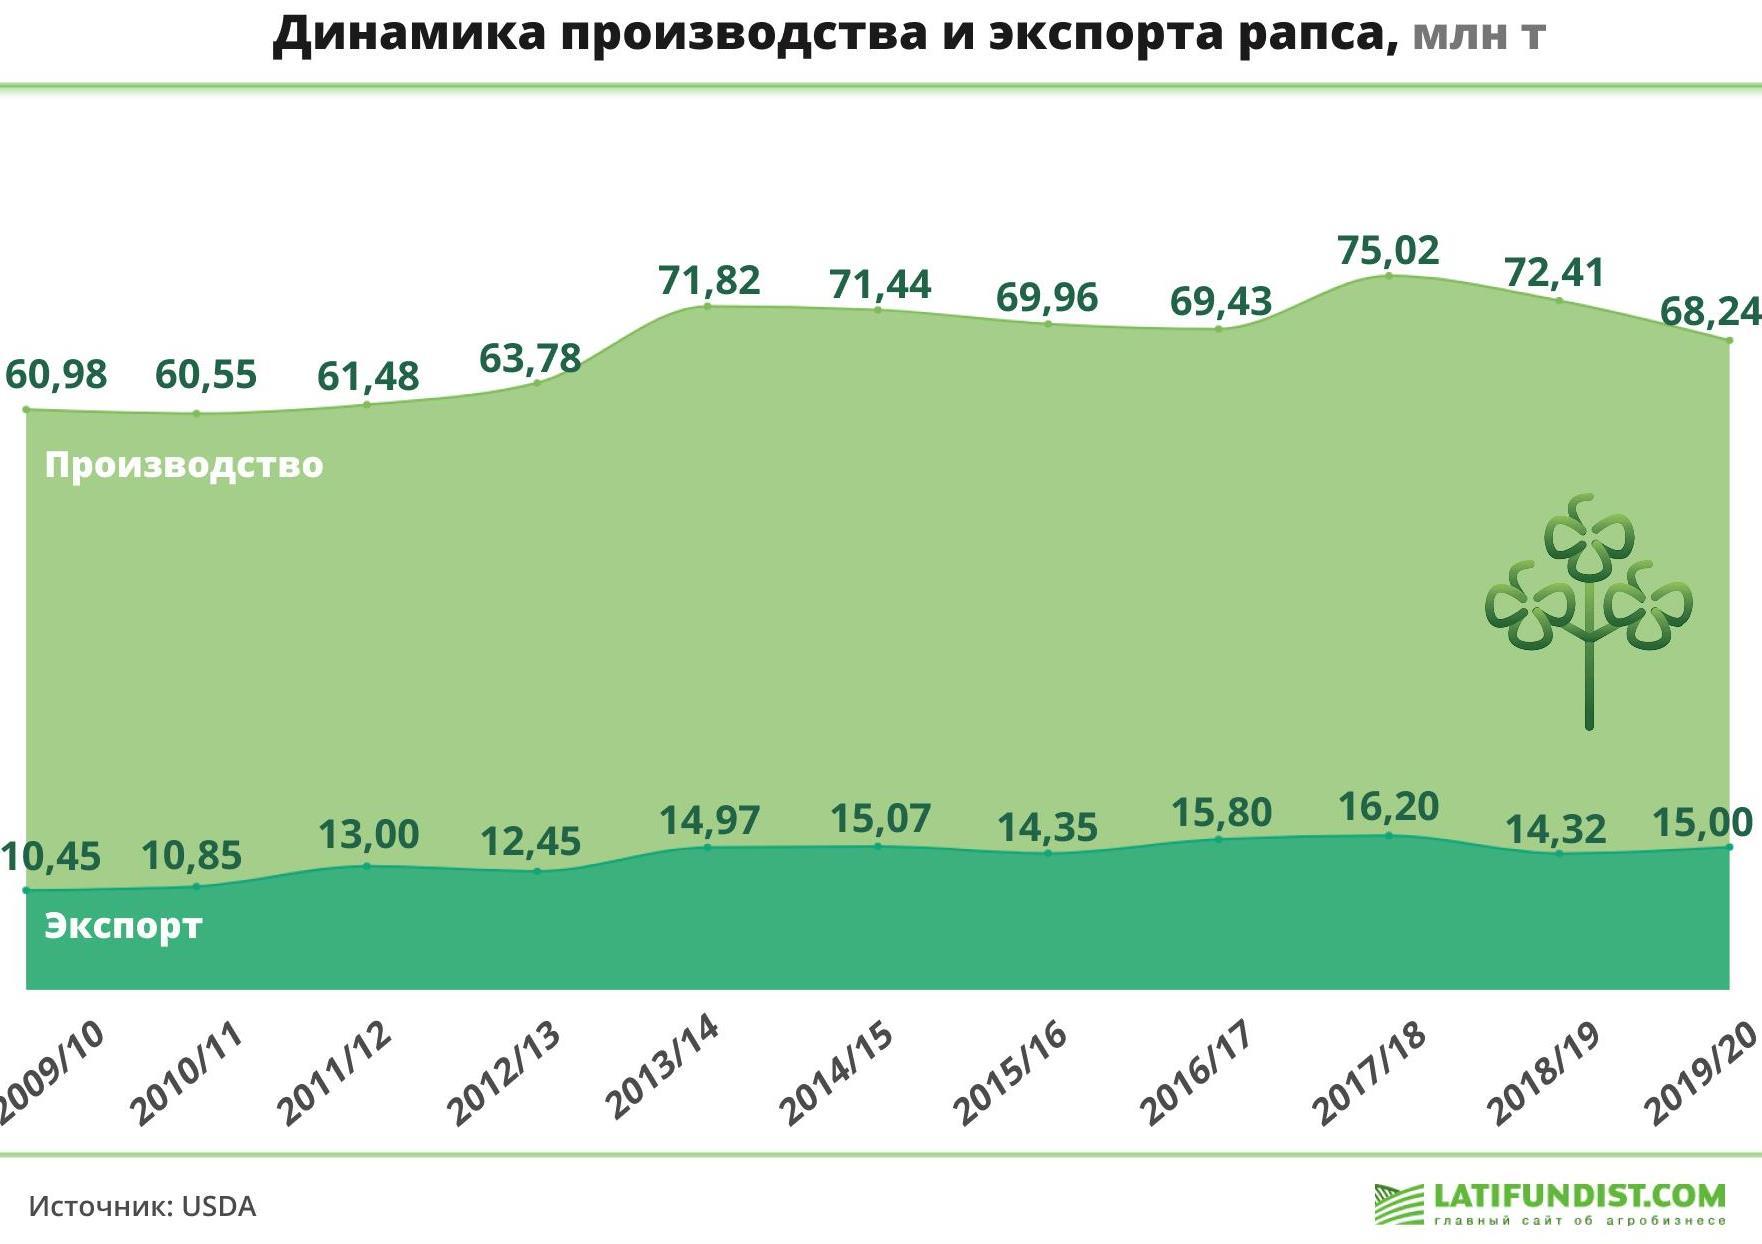 Динамика производства и экспорта рапса, млн т